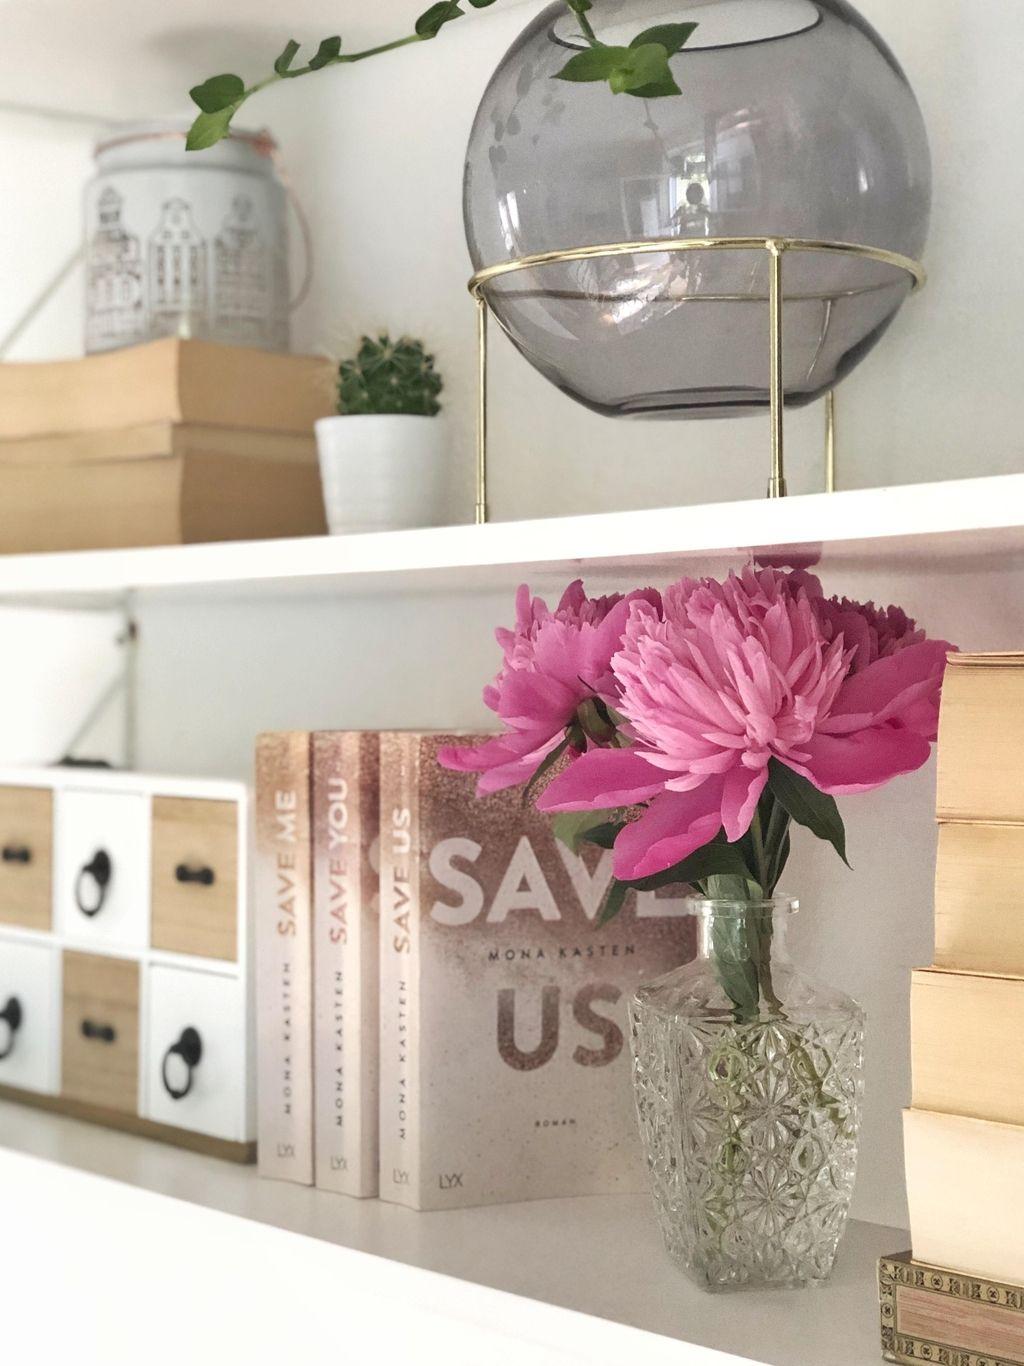 #homedetails #bookshelf #pinkpeonies #decorlove #whiteliving